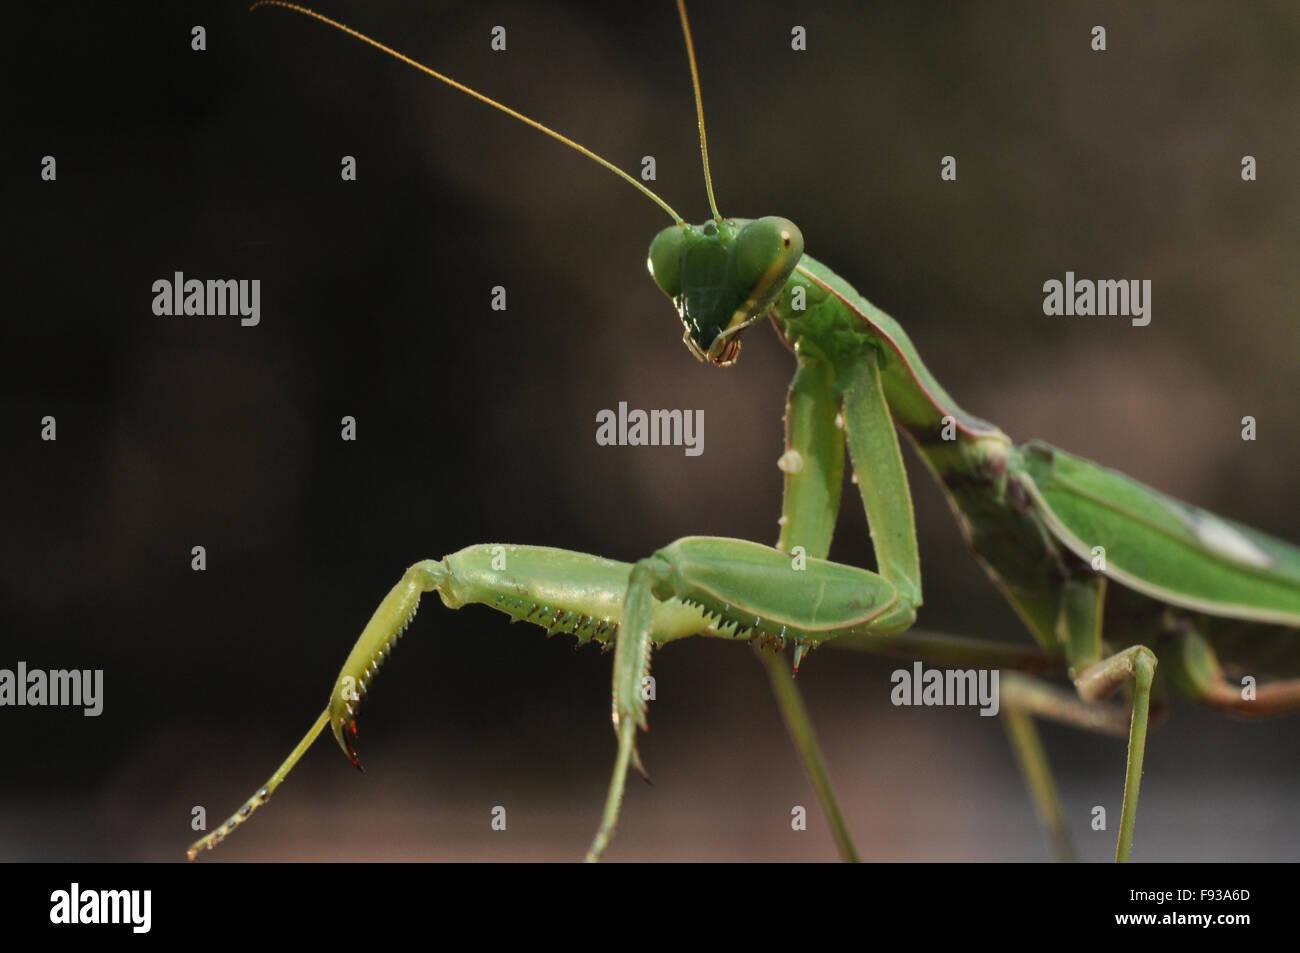 Ein Erwachsener Gottesanbeterin, Mantodea (Gottesanbeterinnen, Mantes) im dunkel grünlich Hintergrund in Spiellaune Stockbild